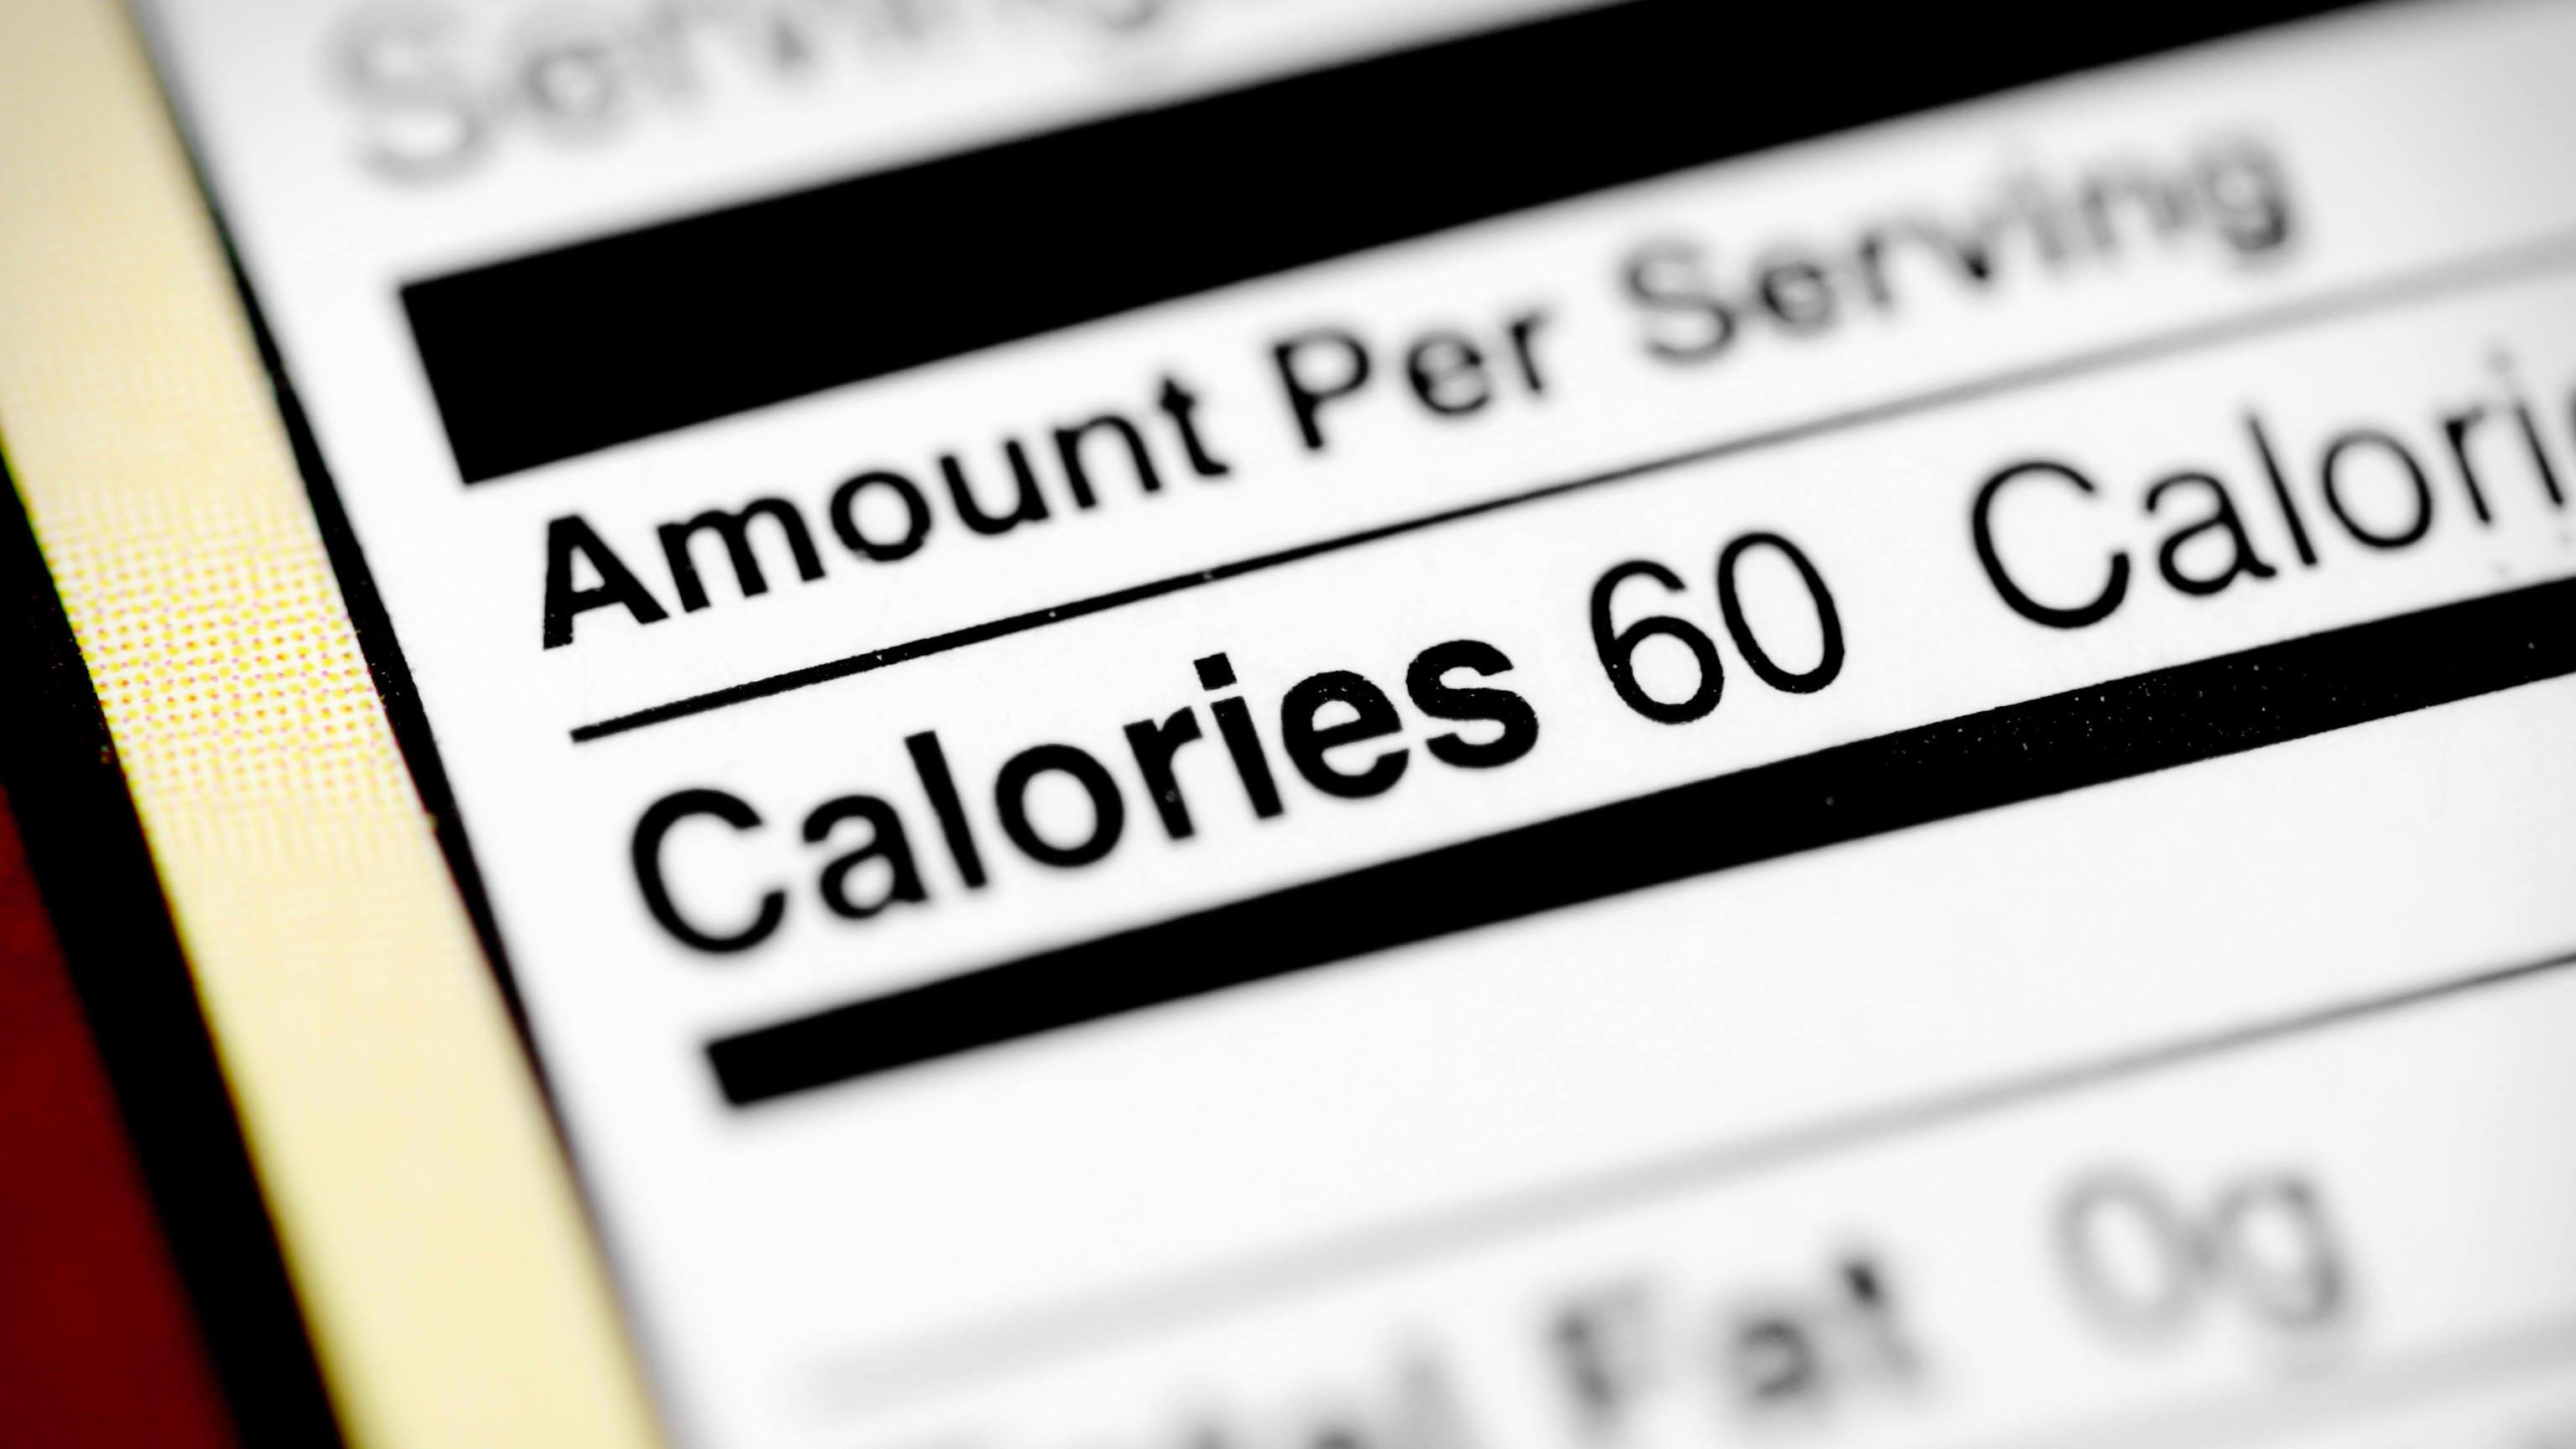 1500 calories par jour, qu'est-ce que ça représente ?